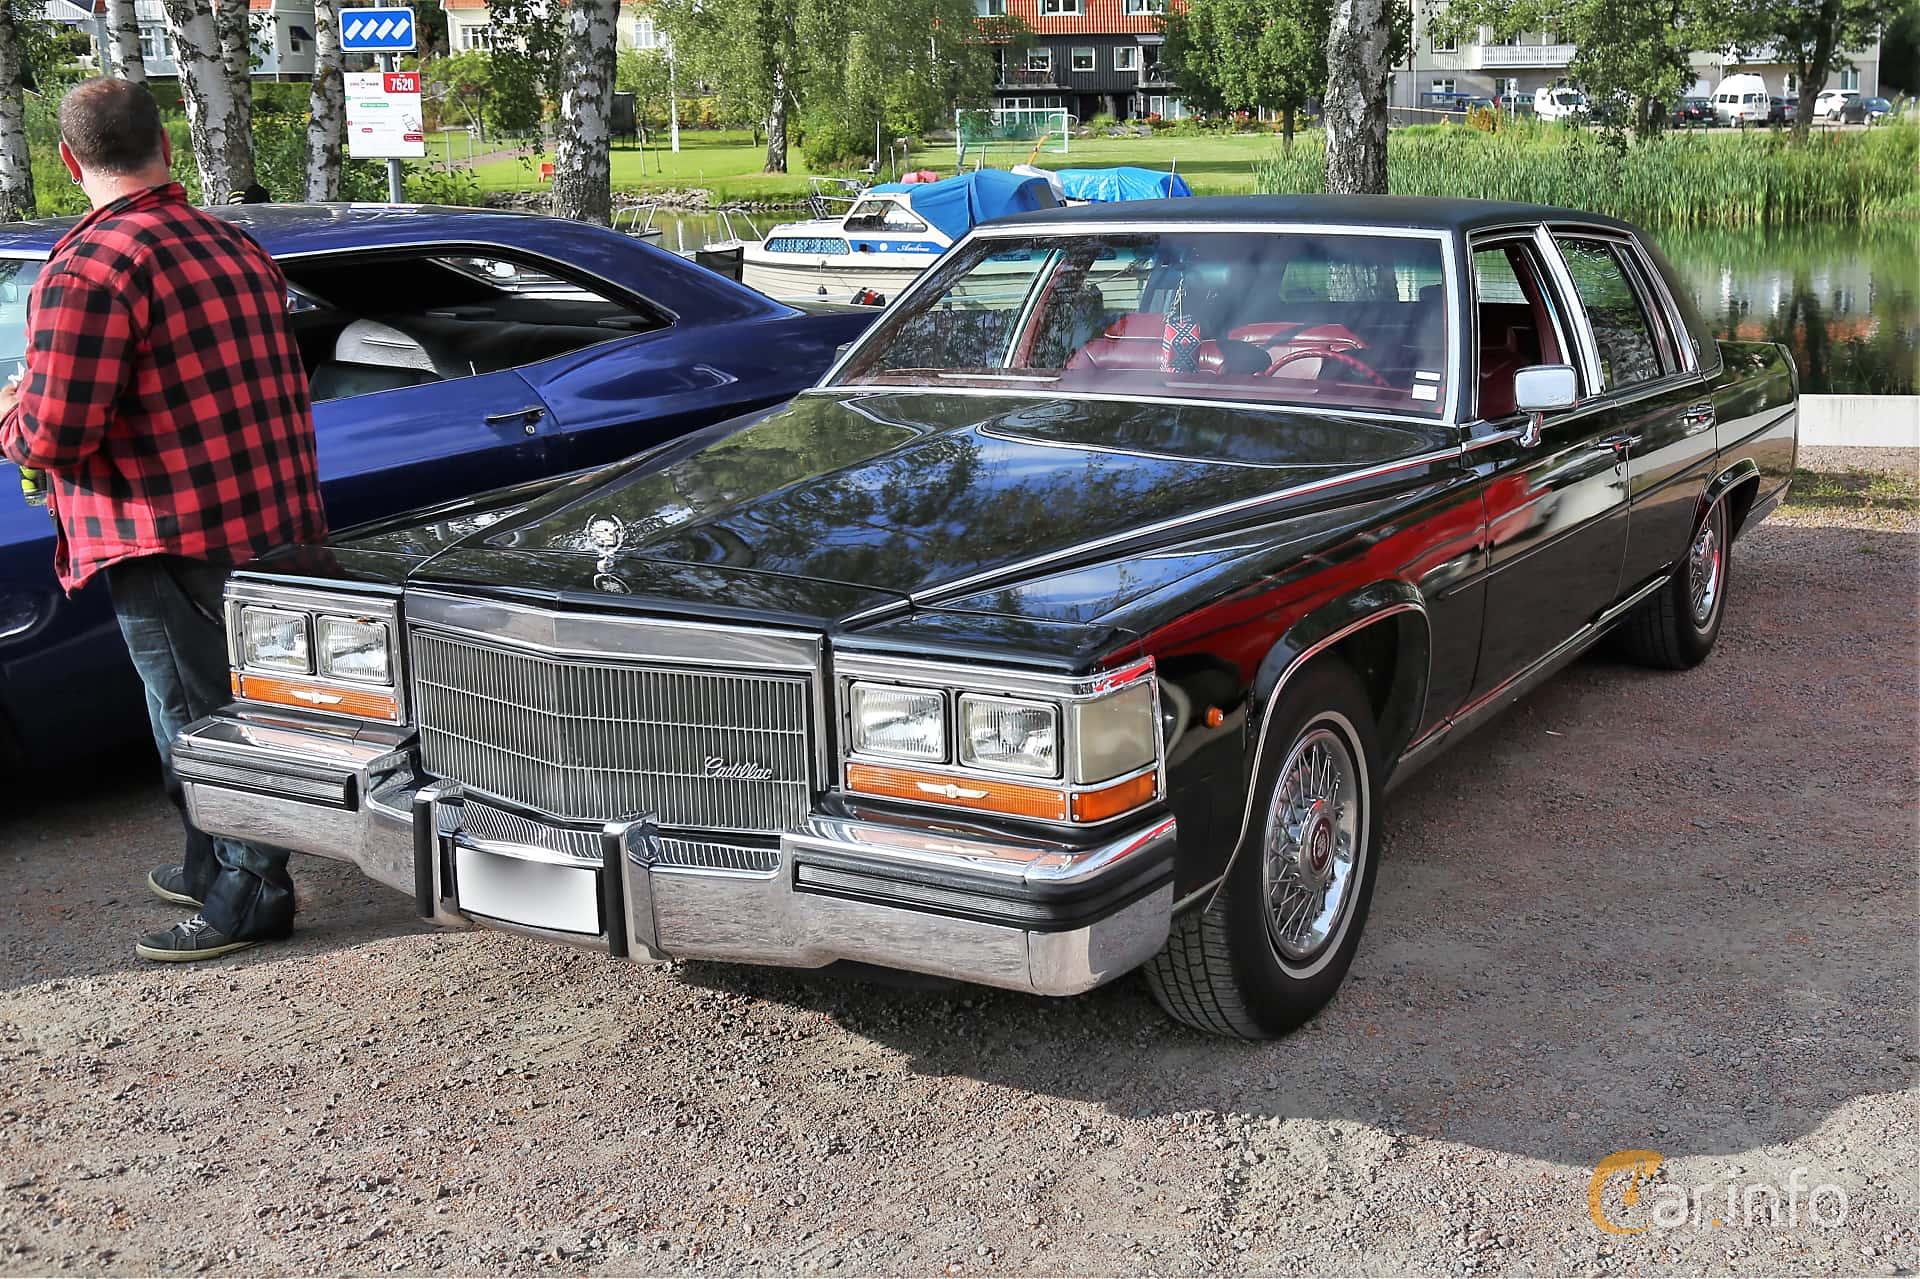 Front/Side  of Cadillac Fleetwood Brougham Sedan 5.0 V8 Automatic, 142ps, 1986 at Kungälvs Kulturhistoriska Fordonsvänner  2019 Torsdag vecka 31